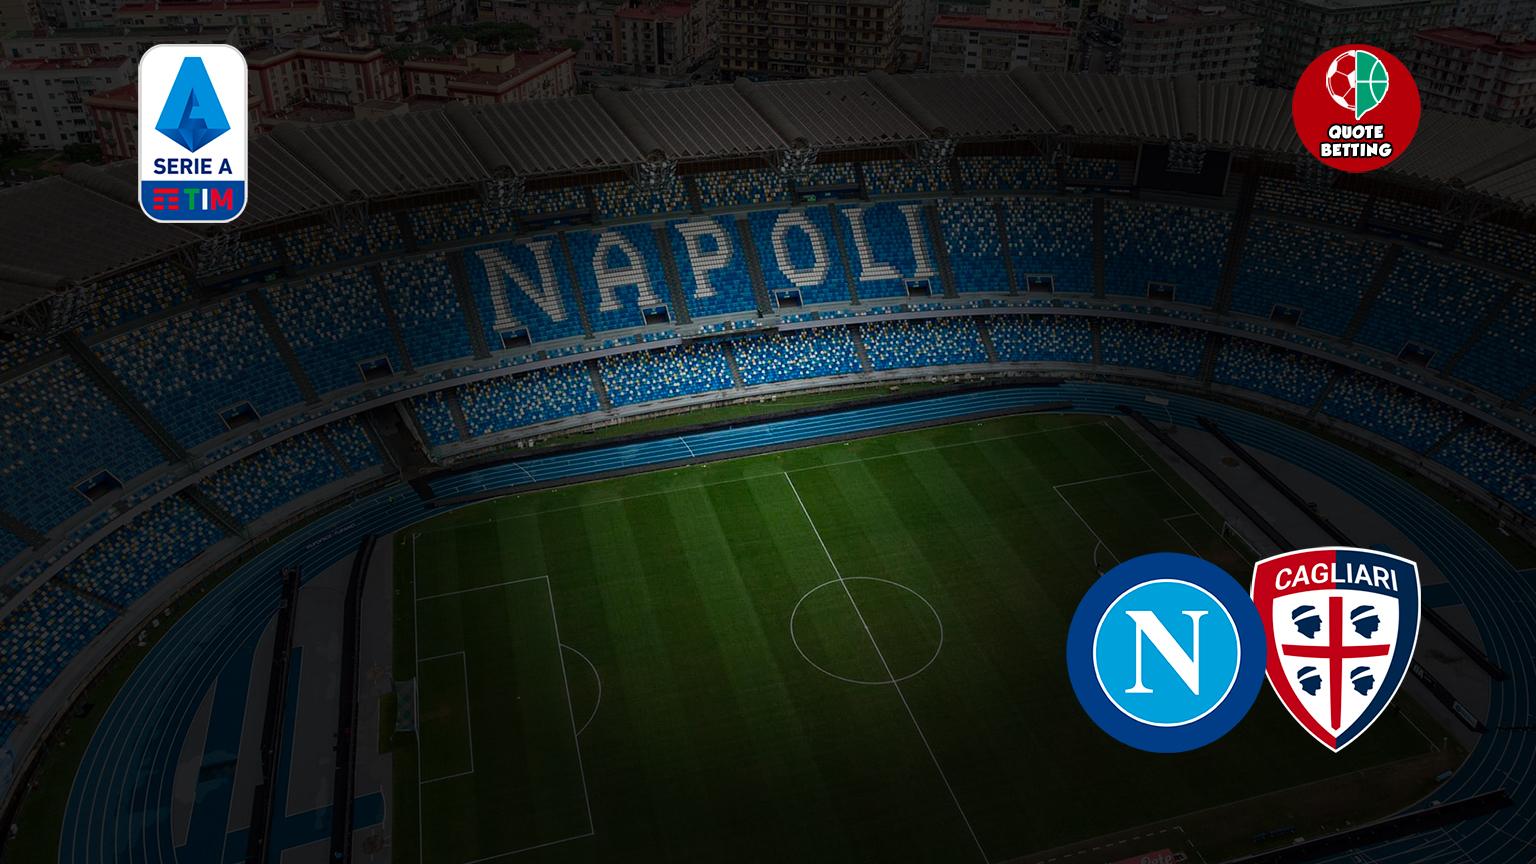 napoli odds cagliari tempat untuk melihat di tv prediksi formasi odds seri a taruhan olahraga sepak bola italia maradona stadion naples-cagliari